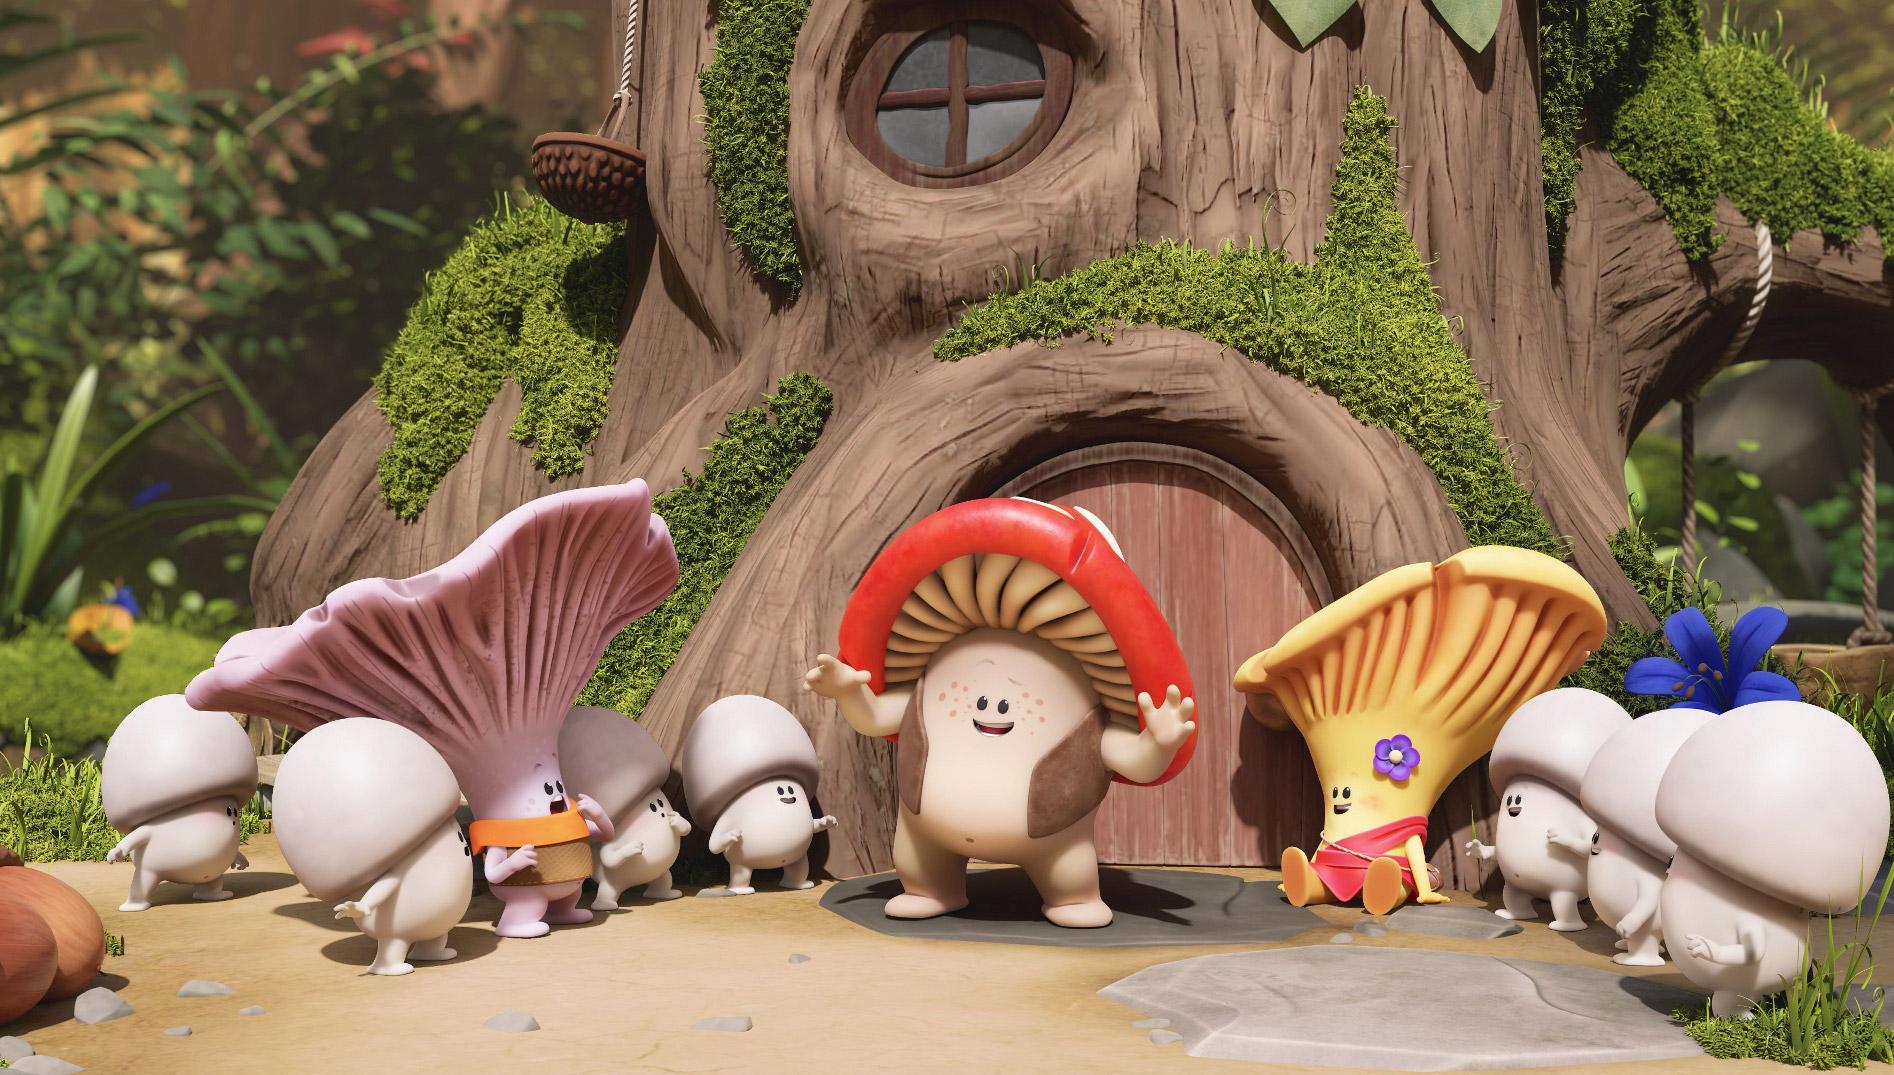 Mush-Mush & les Champotes », une série qui veut « montrer aux enfants que protéger son environnement va de soi »   CNC